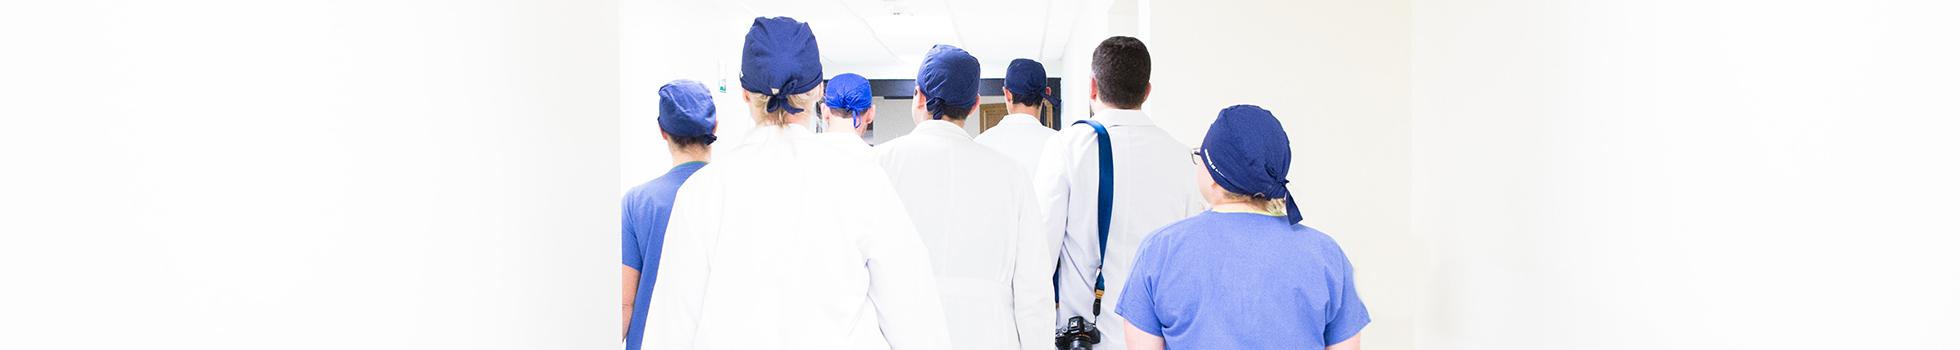 Doctors walking down hallway.